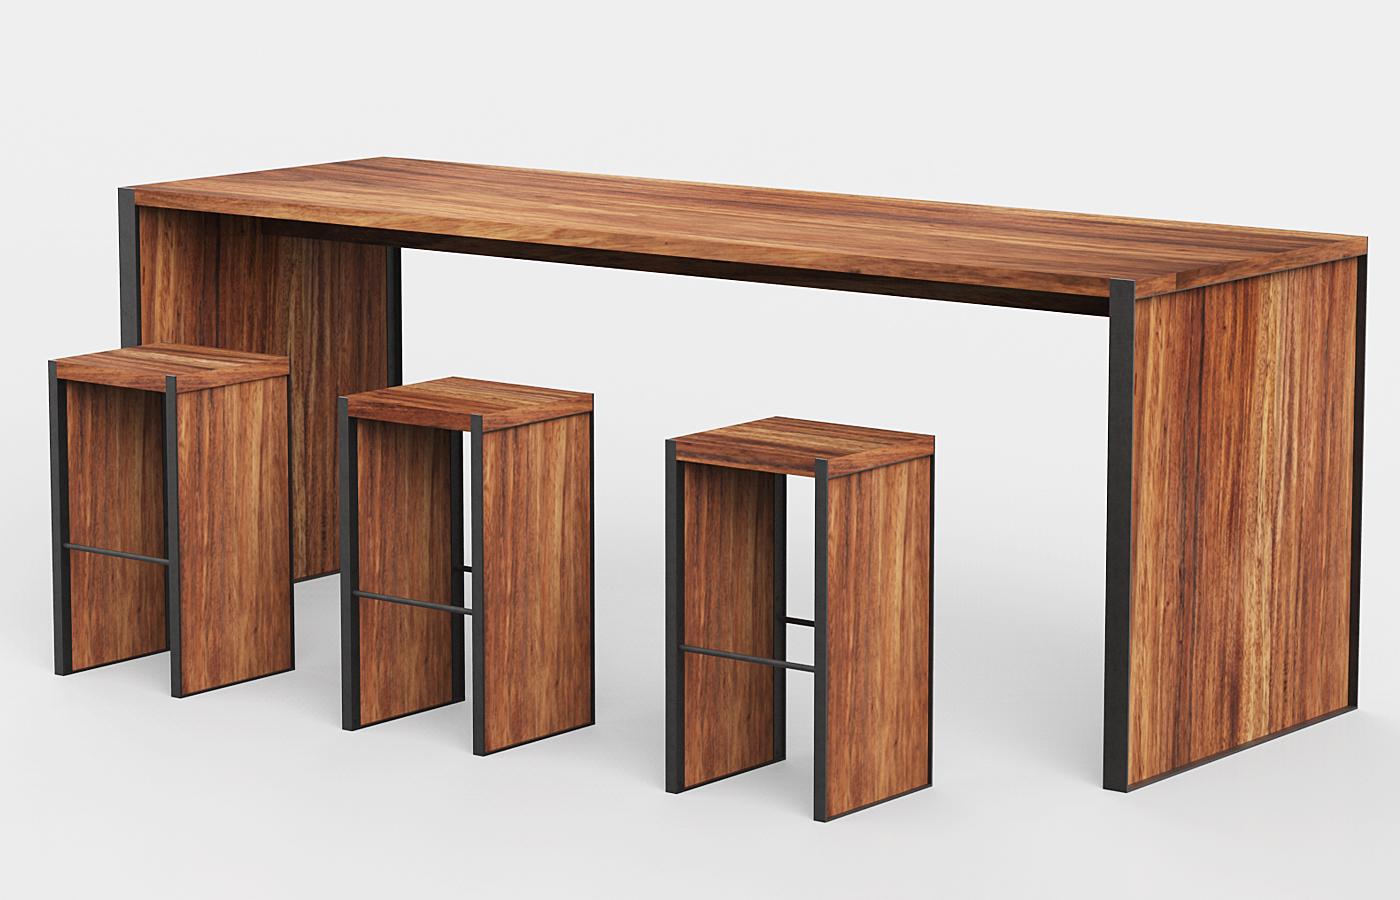 Mesas y periqueras para bar madera parota artesanales cdmx for Barras en madera para bar